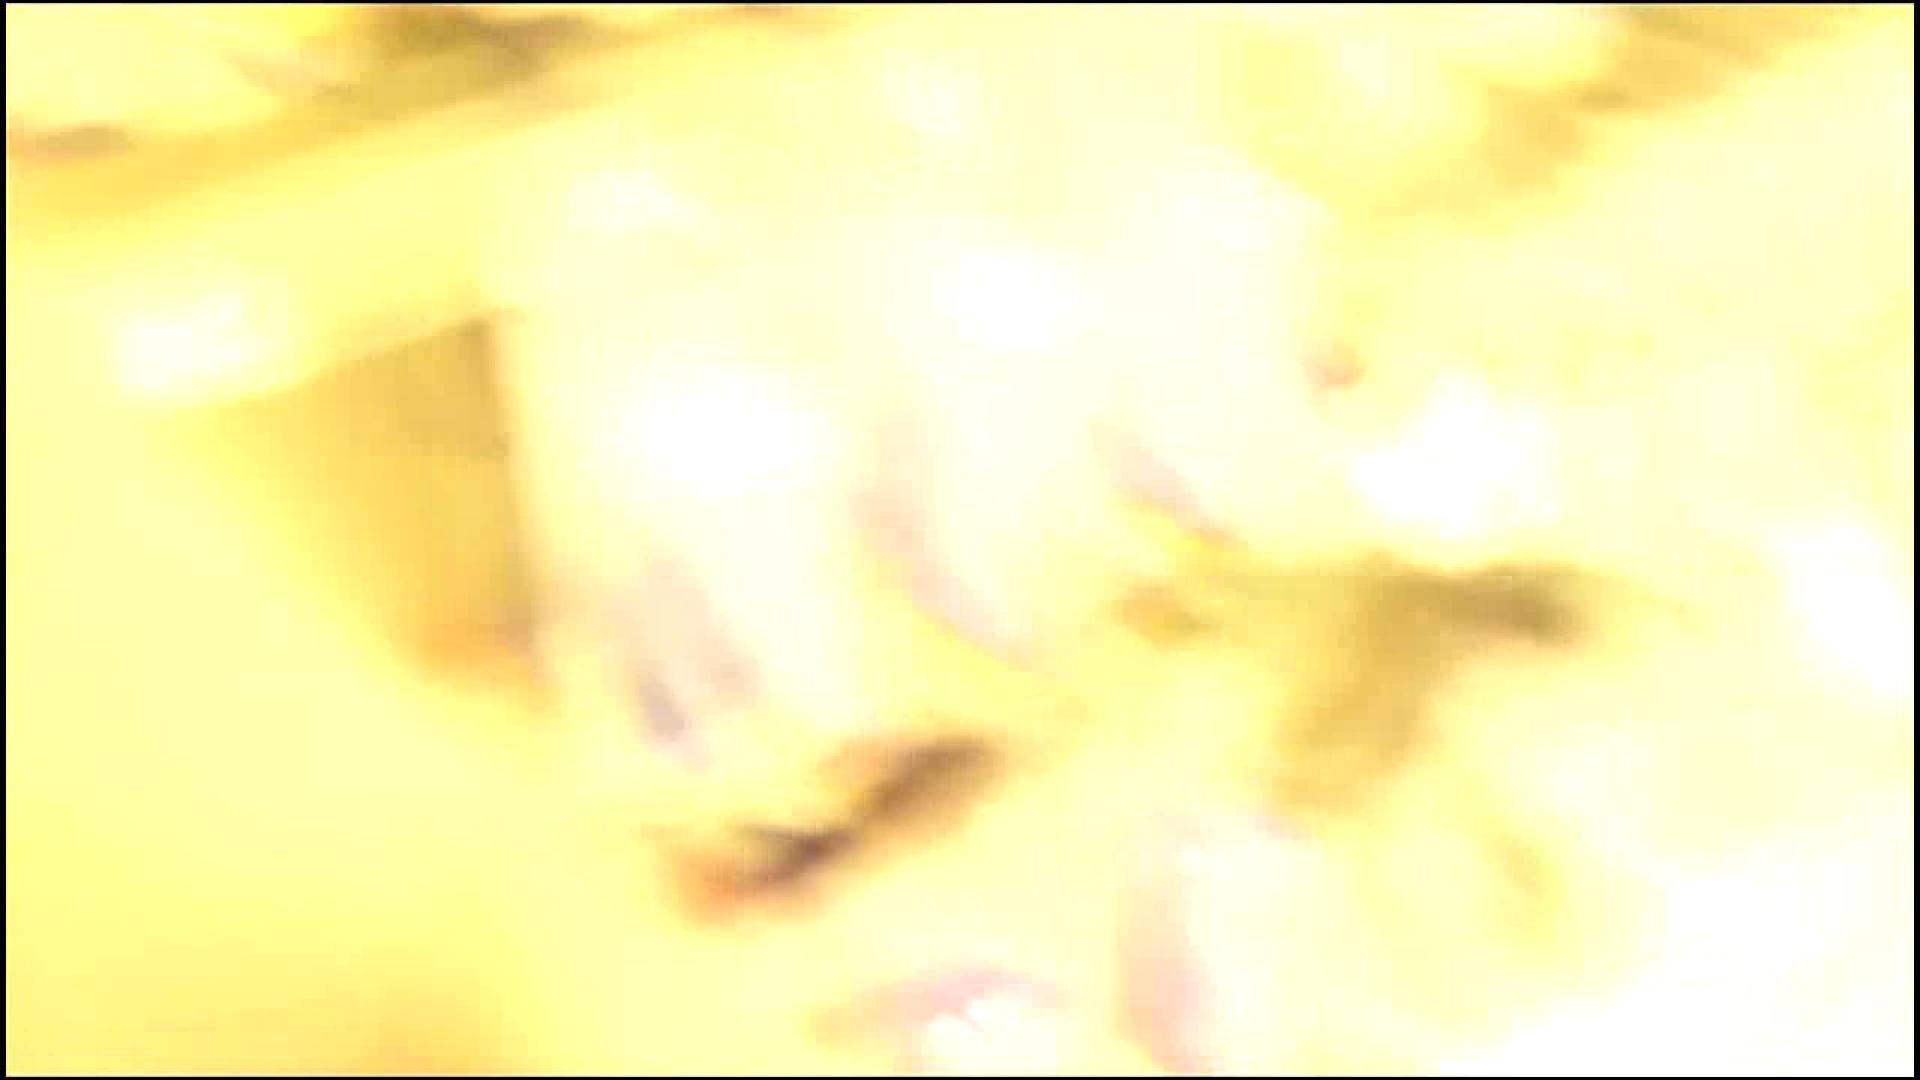 NO.1 ベビーコーナーにいた美人ママさん 美人なお姉さん おめこ無修正画像 107画像 26